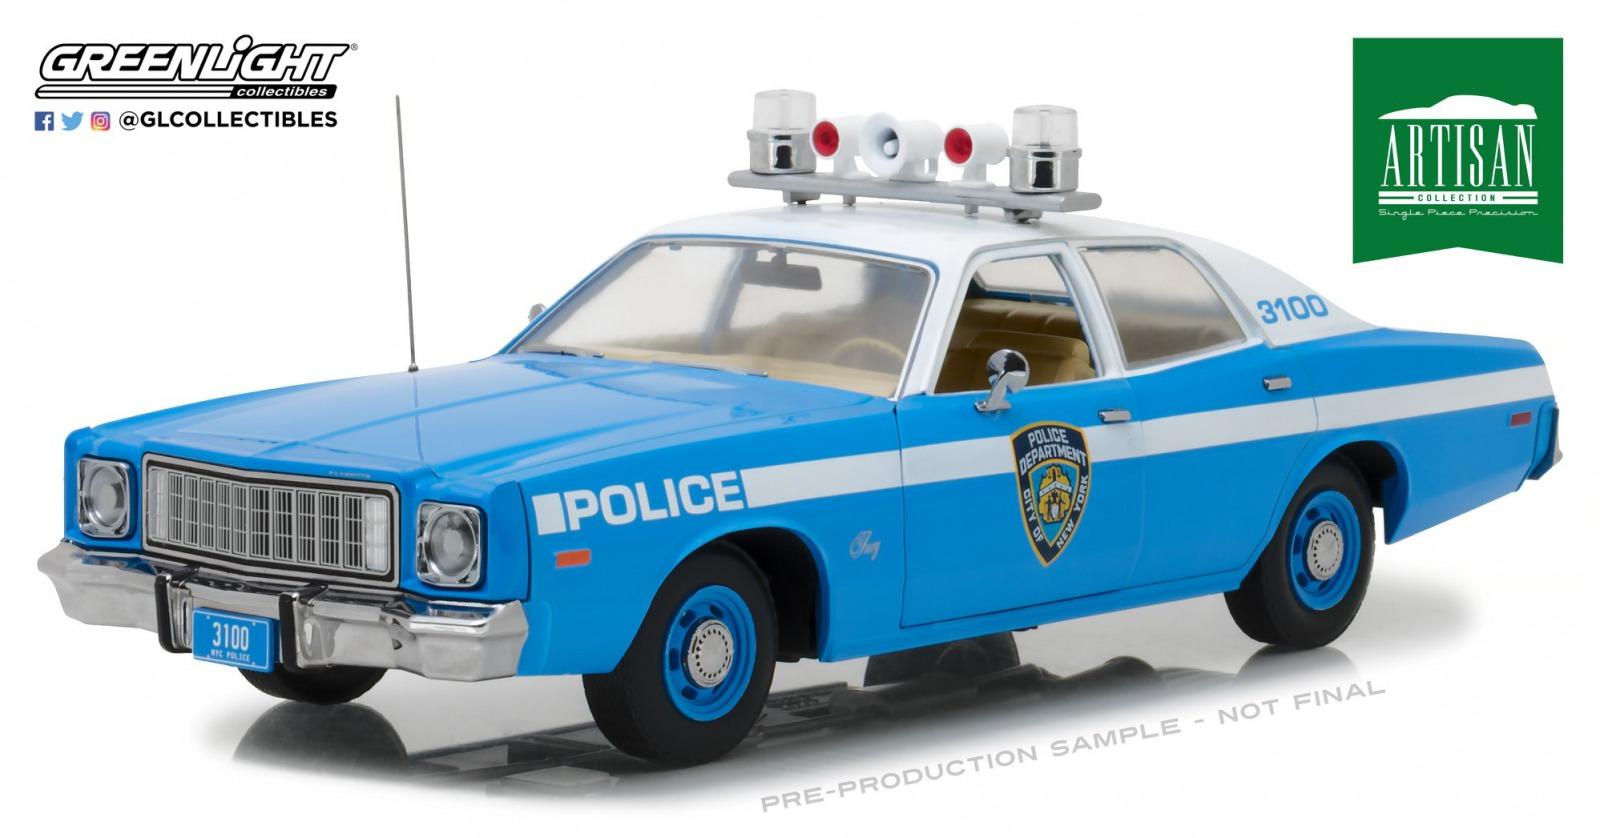 代引き人気 Greenlight Model グリーンライト 1/18 Police1975 Fury 1975年モデル プリムス フューリー New York City Police1975 Plymouth Fury New York City Police Department (NYPD), blue/white 1/18 Diecast Model Car by Greenlight NEW, 株式会社GSC:1552b257 --- fabricadecultura.org.br